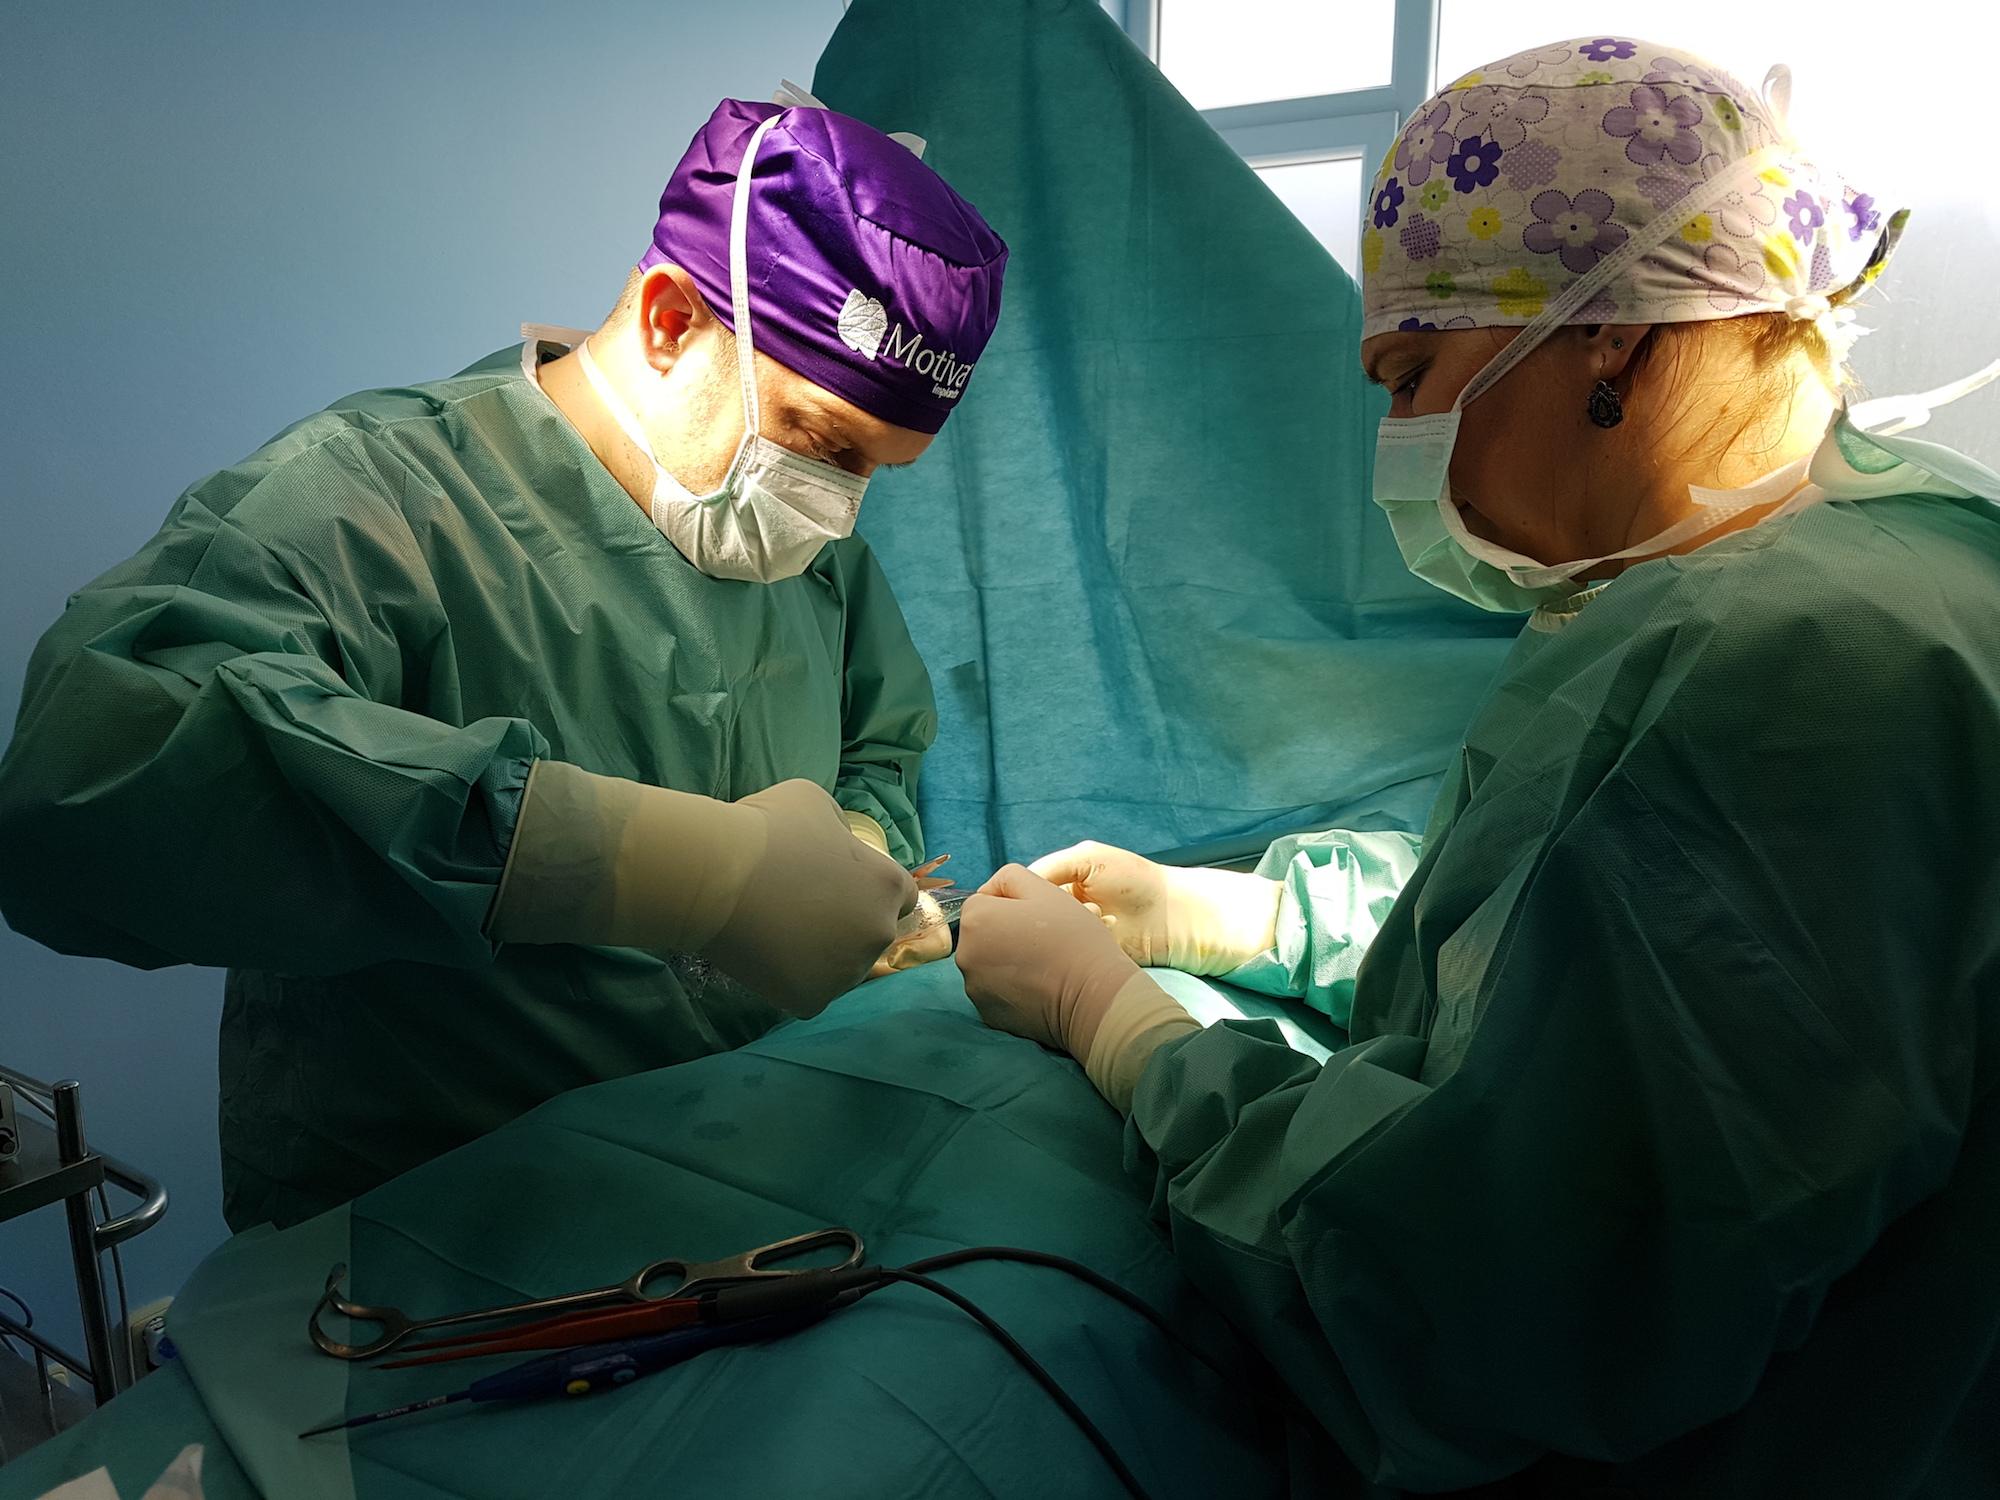 Miminálna jazva s Insertion Sleeve! Implantát Motiva Ergonomix 500 ml, profil Full cez 3,5 cm jazvu - operoval J. Fedeles eveclinic